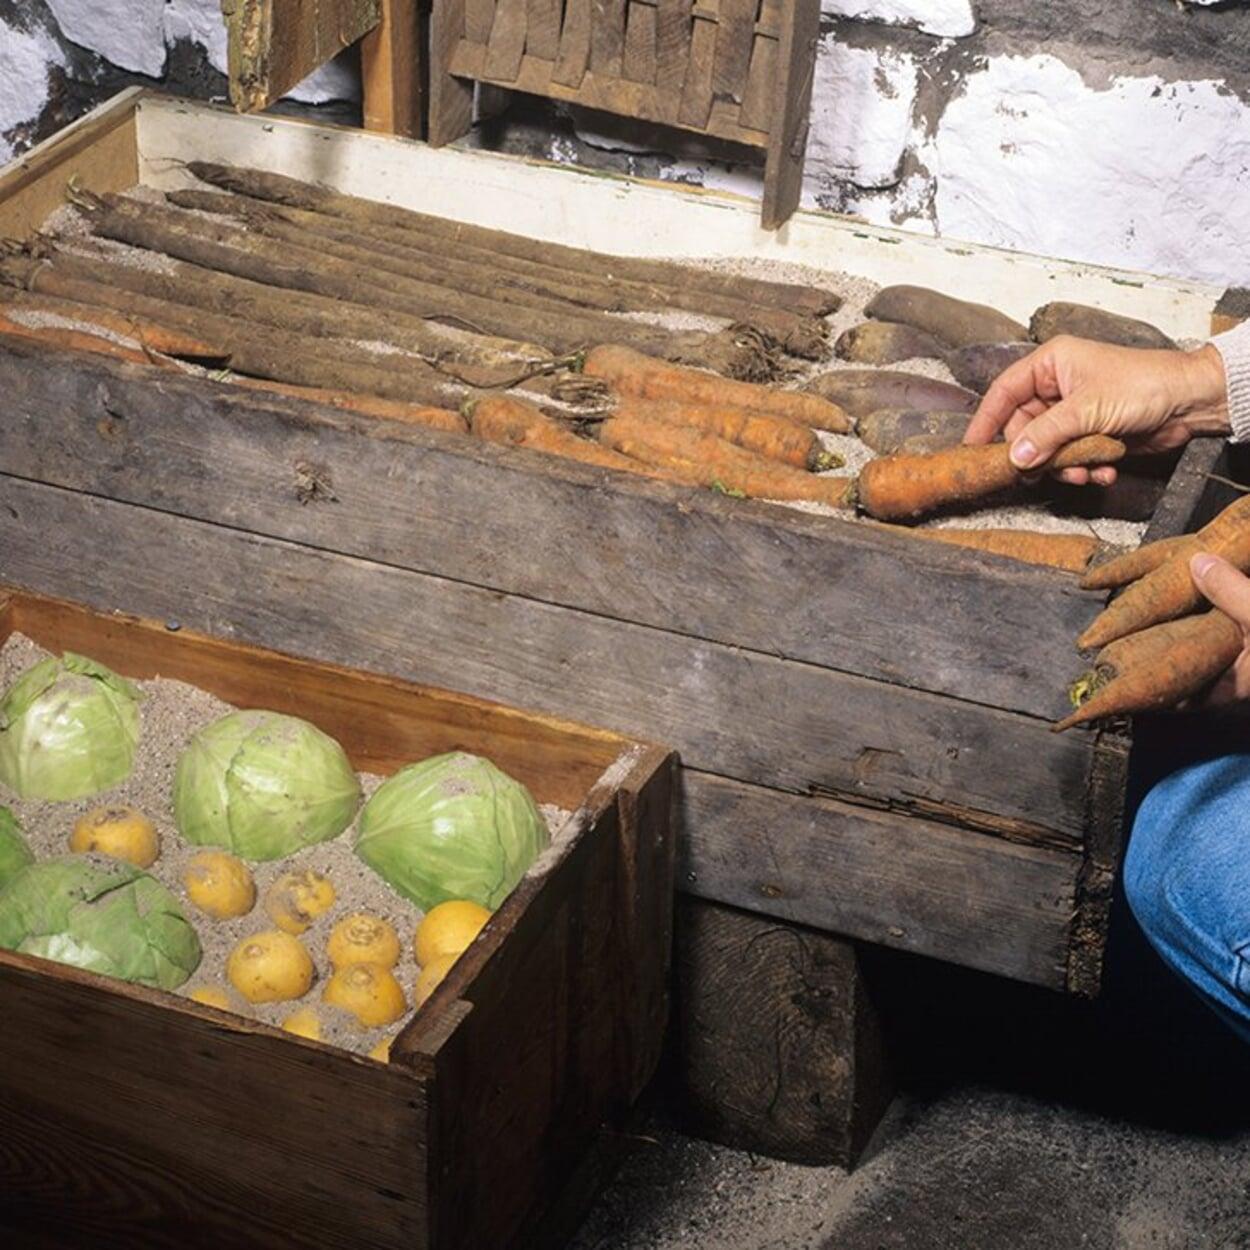 Wird Obst oder Gemüse entnommen, den verbleibenden Vorrat auf Schäden kontrollieren